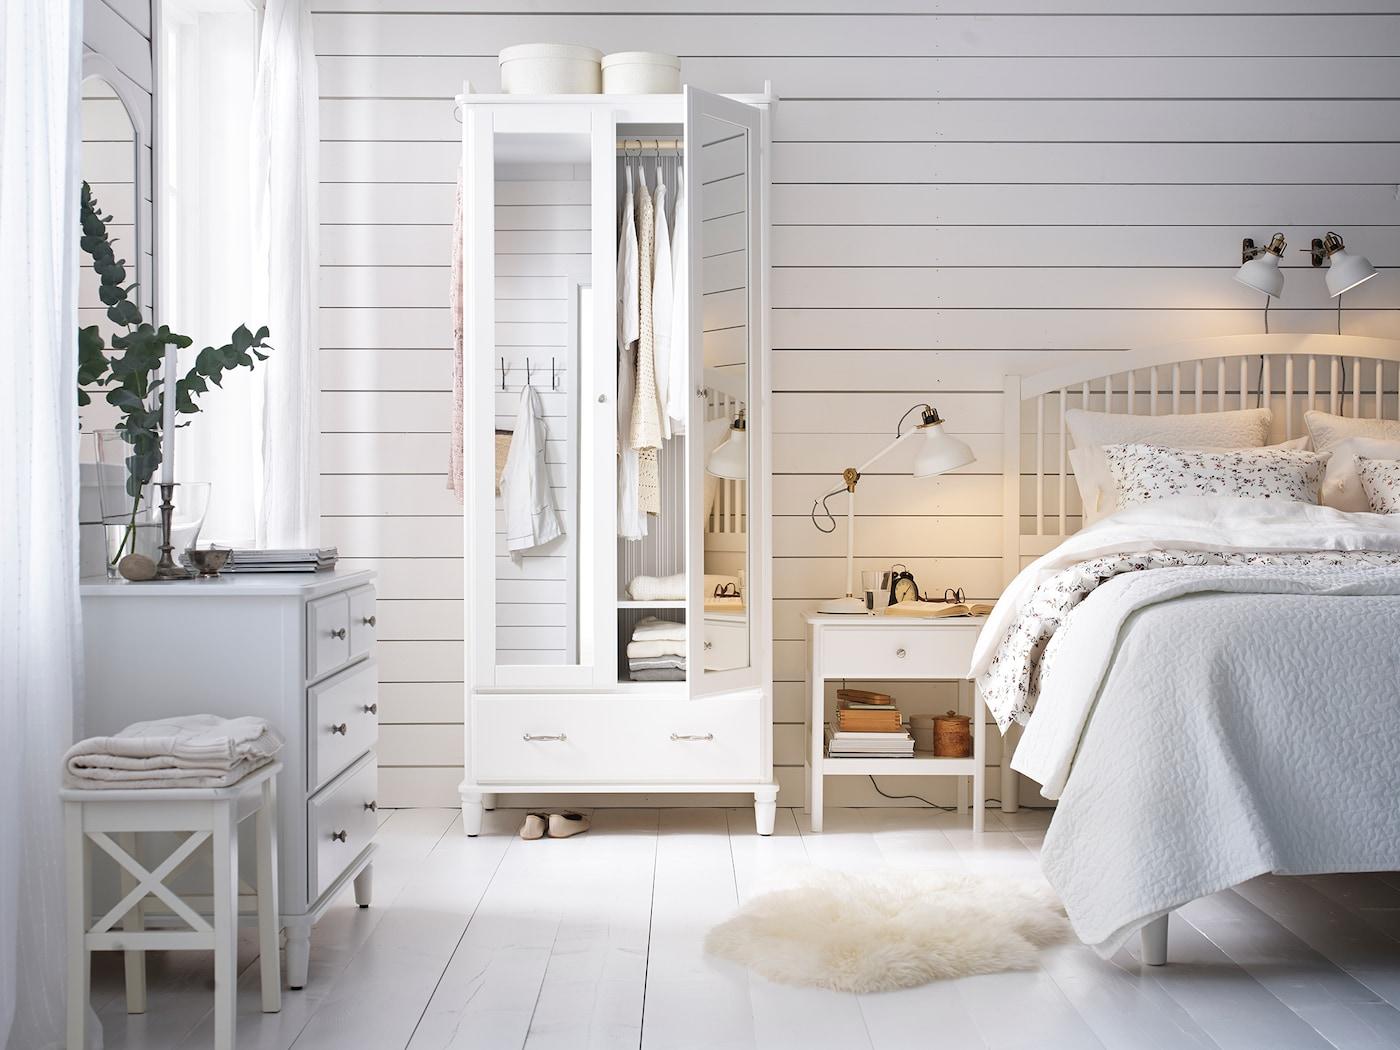 Helles Schlafzimmer im Landhausstil einrichten - IKEA ...